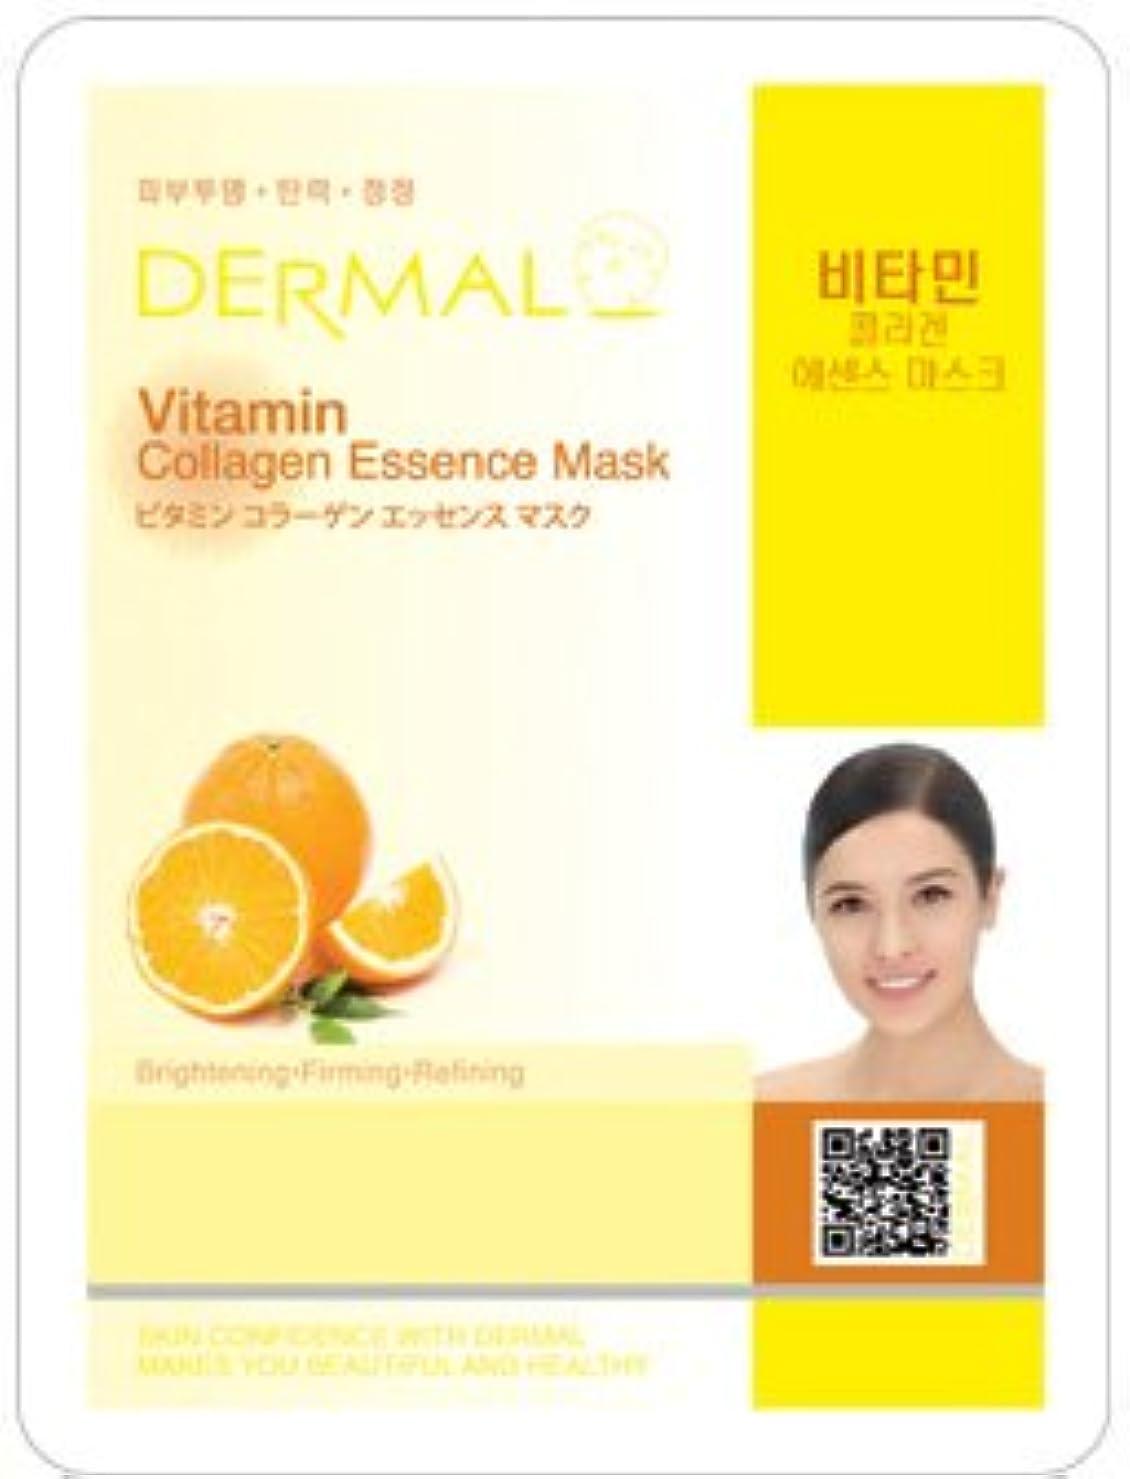 に慣れプットフェローシップシートマスク ビタミン 10枚セット ダーマル(Dermal) フェイス パック